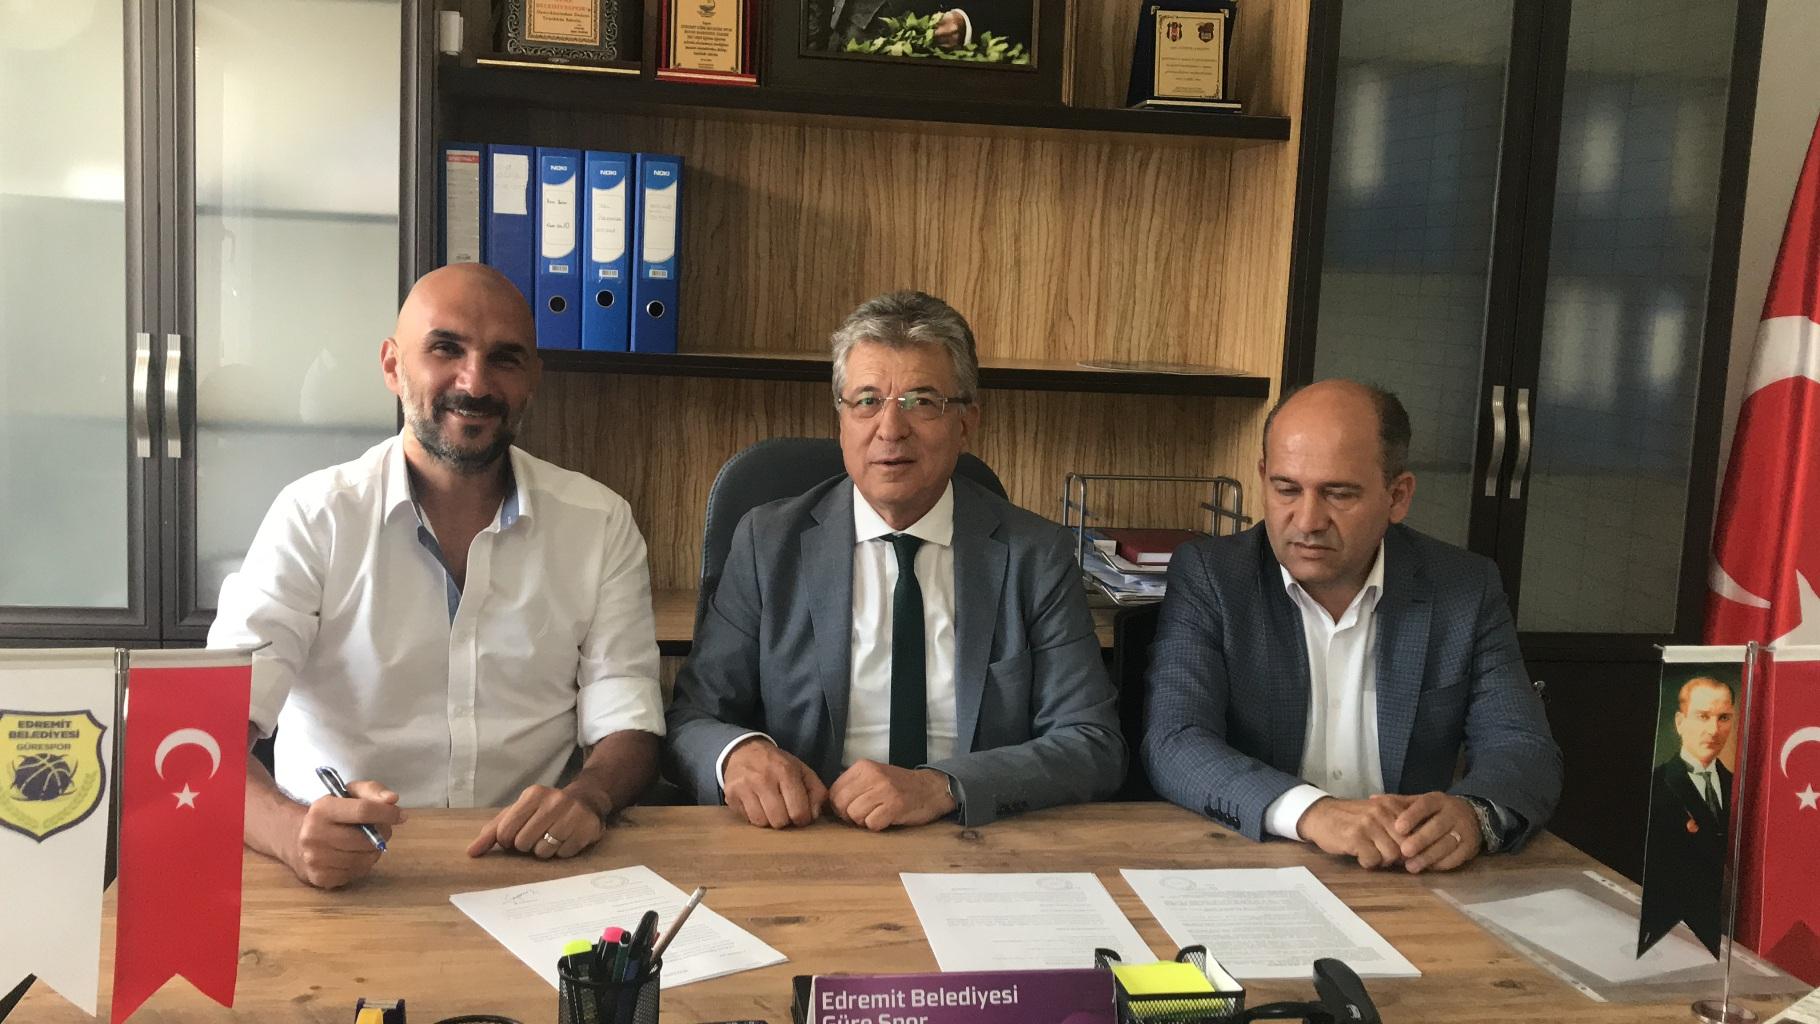 Edremit Belediyesi Gürespor'da Kaan Artun Dönemi